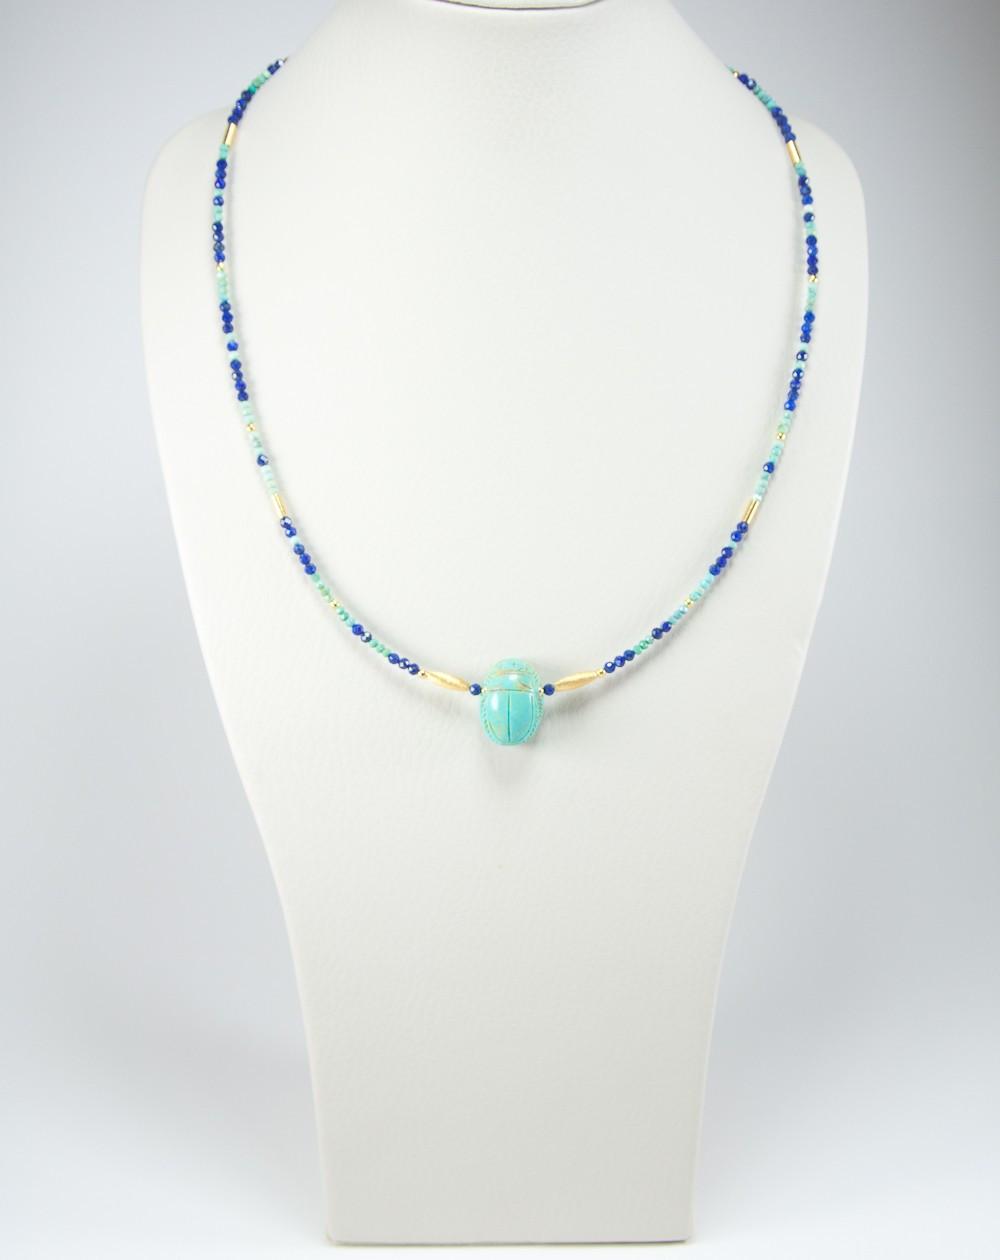 Collier en Lapis lazuli et Turquoise, Scarabée en Turquoise d'Arizona